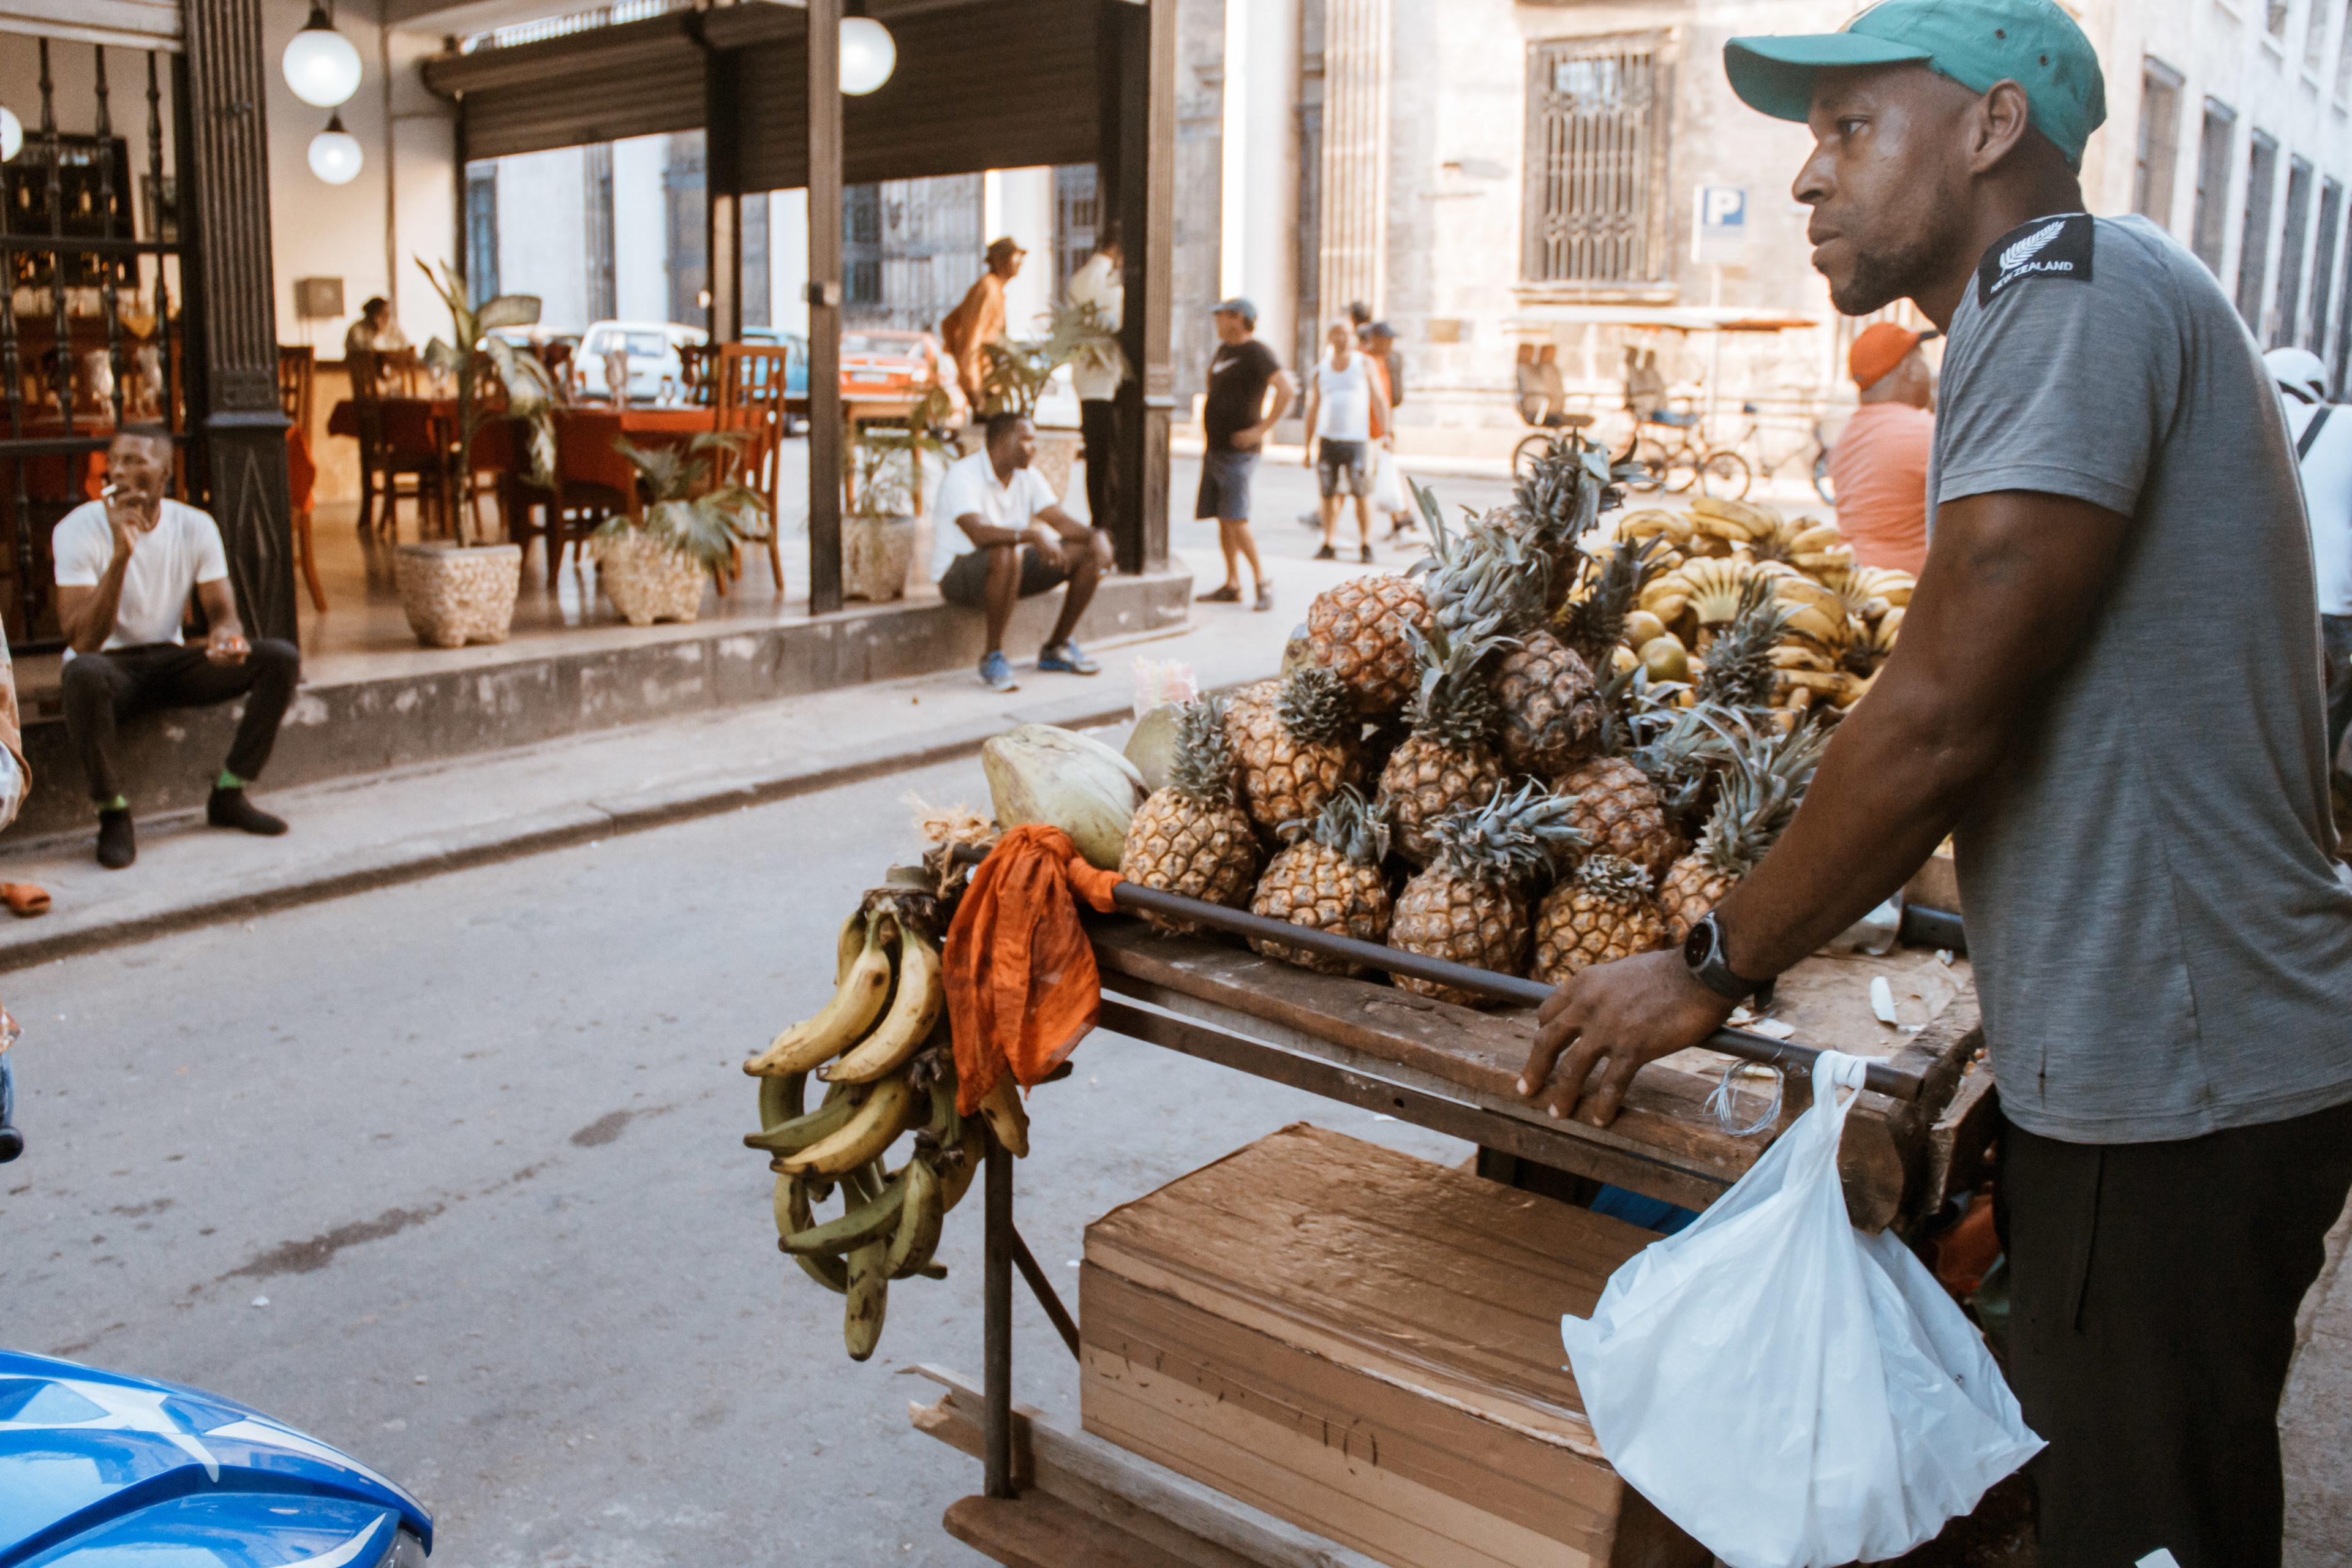 Obststand in Kuba